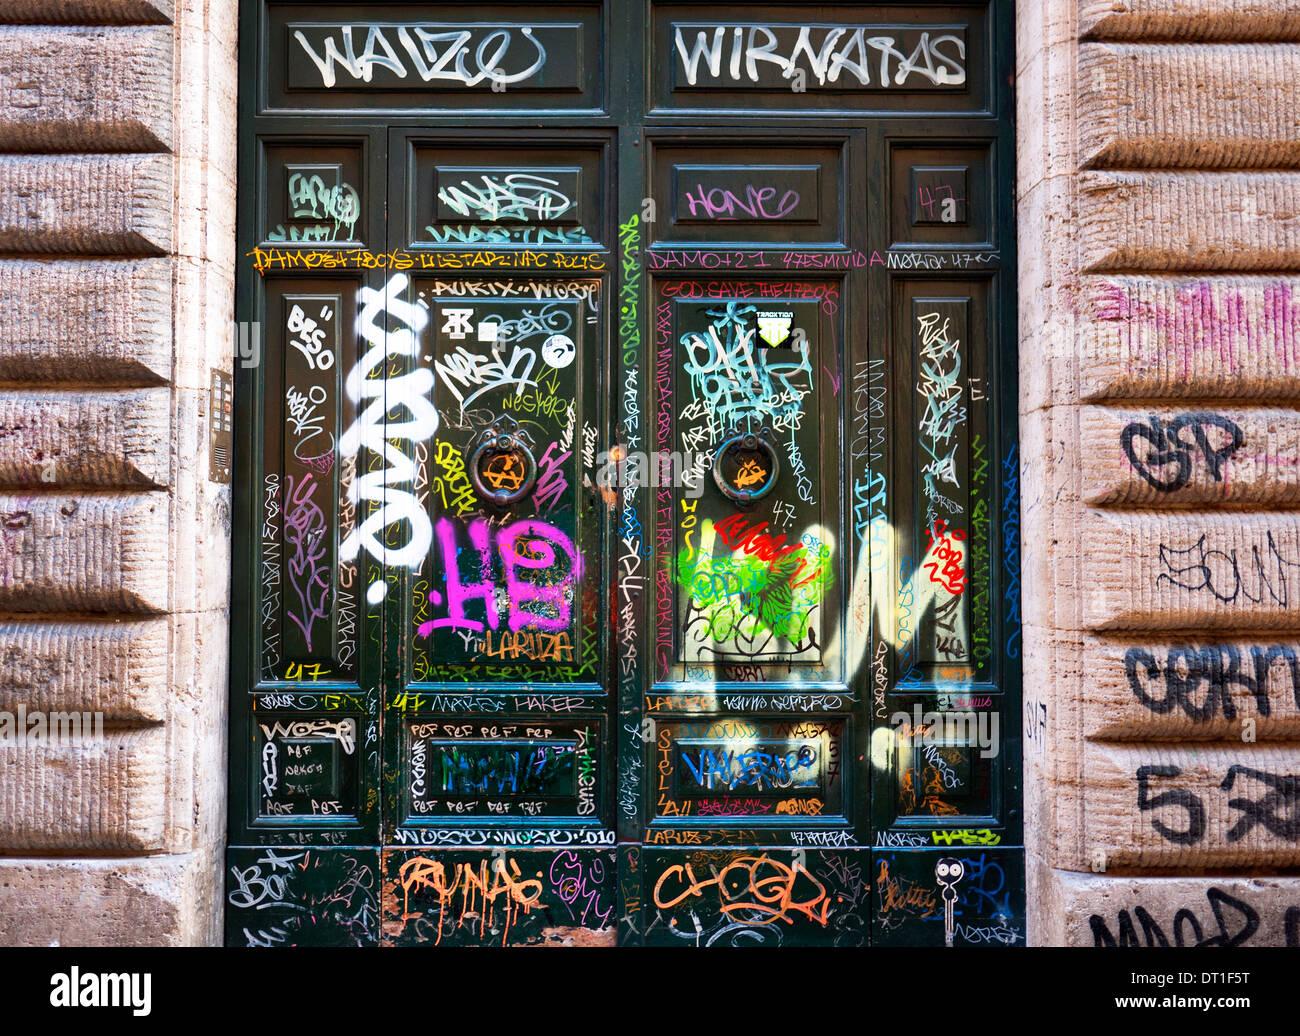 Graffiti spruzzato su portali in Trastevere, Roma, Italia. Immagini Stock